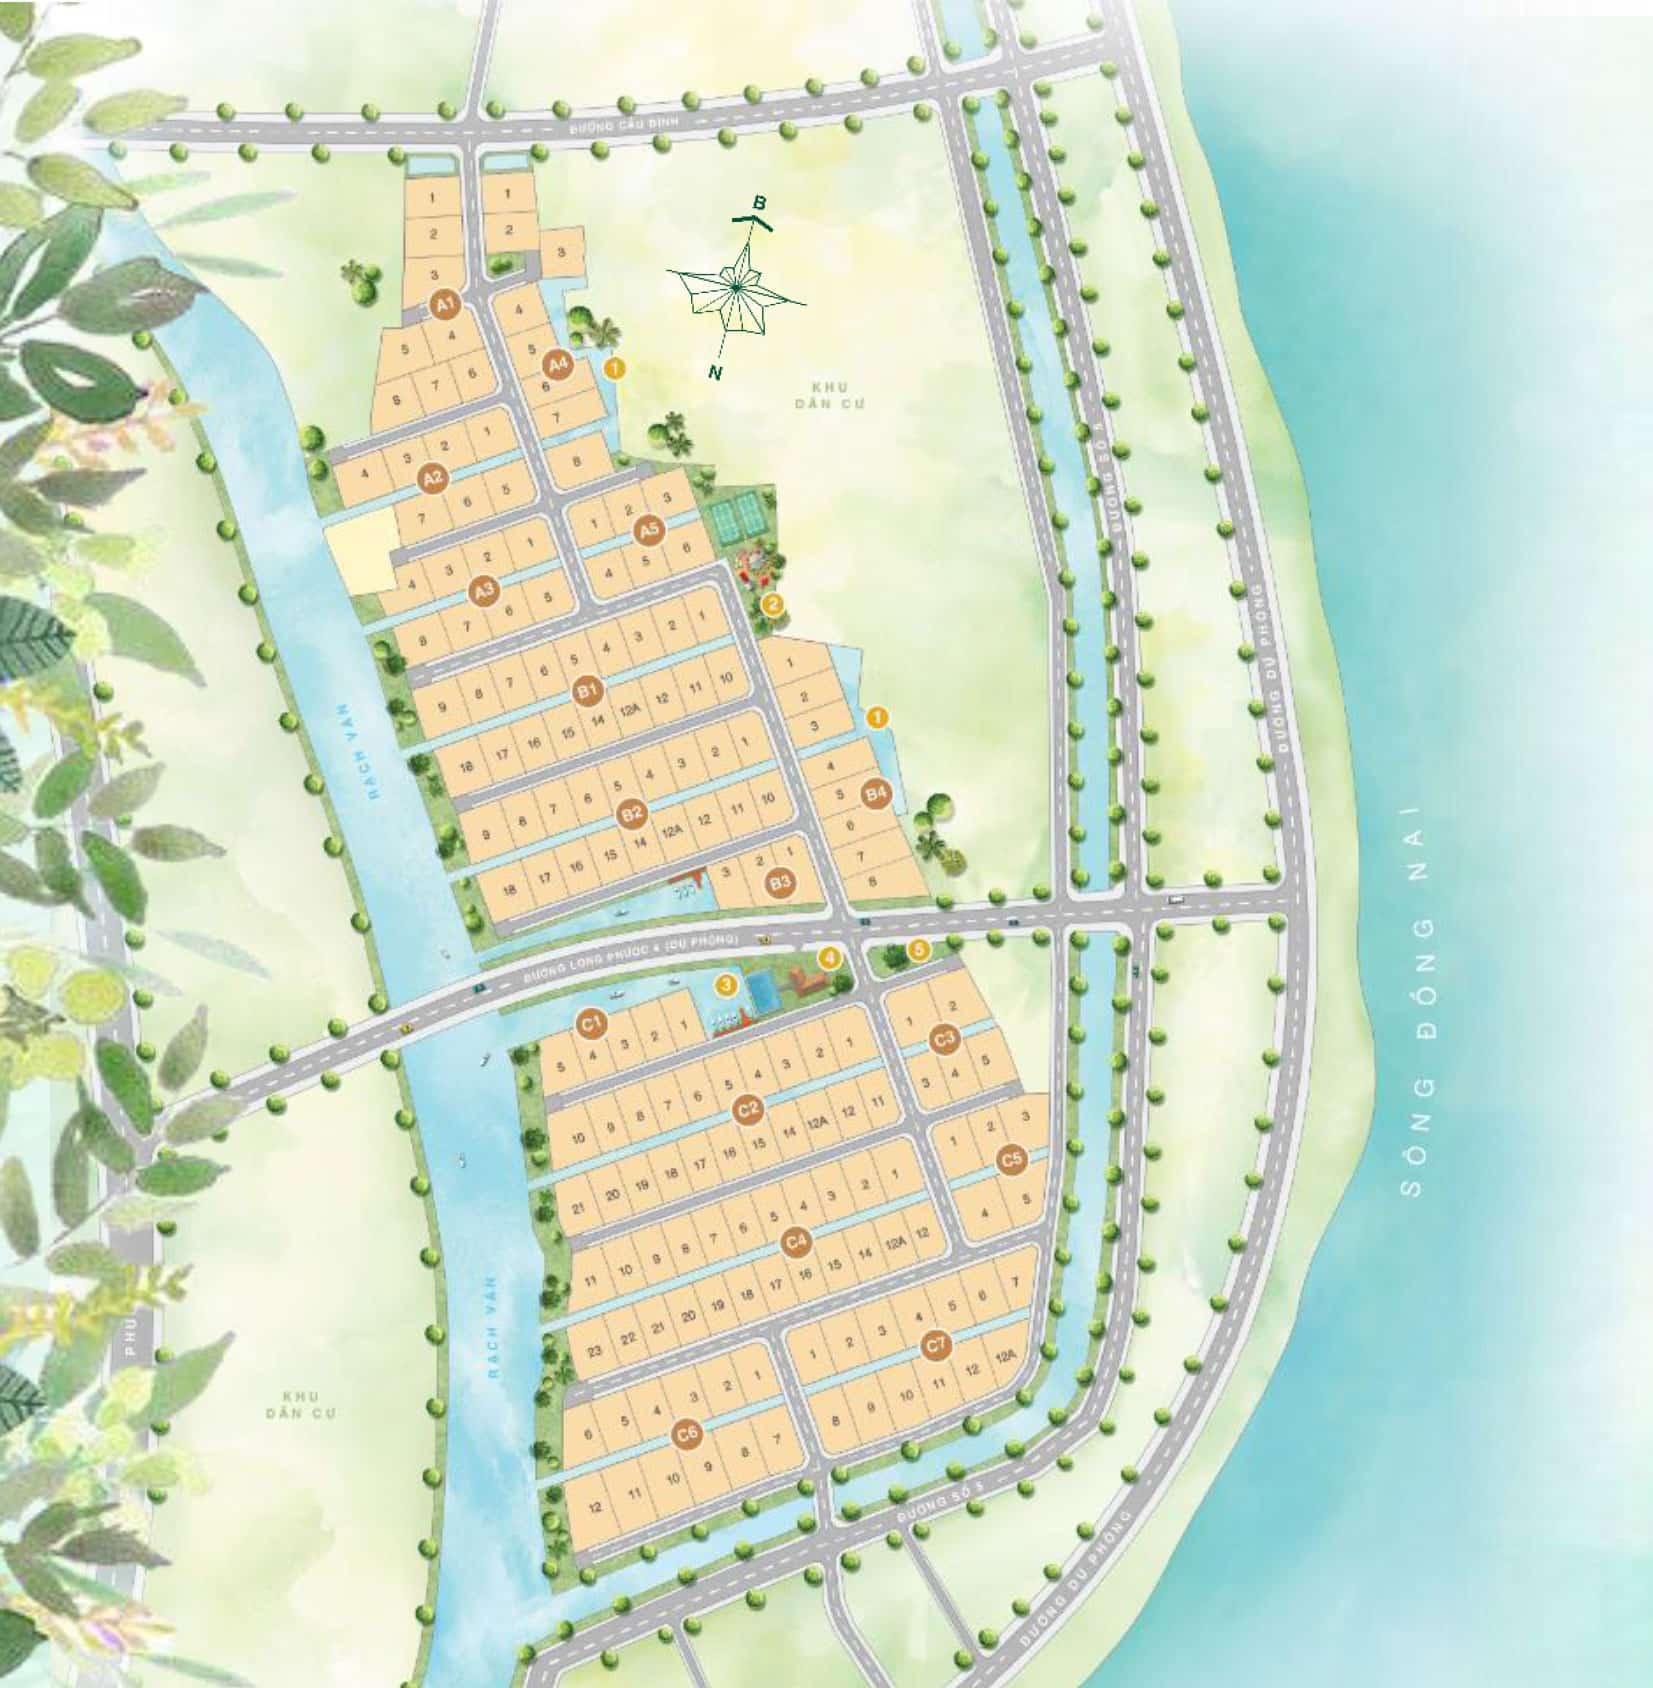 Mặt bằng dự án đất nền biệt thự vườn Hưng Thịnh - Saigon Garden Riverside Village